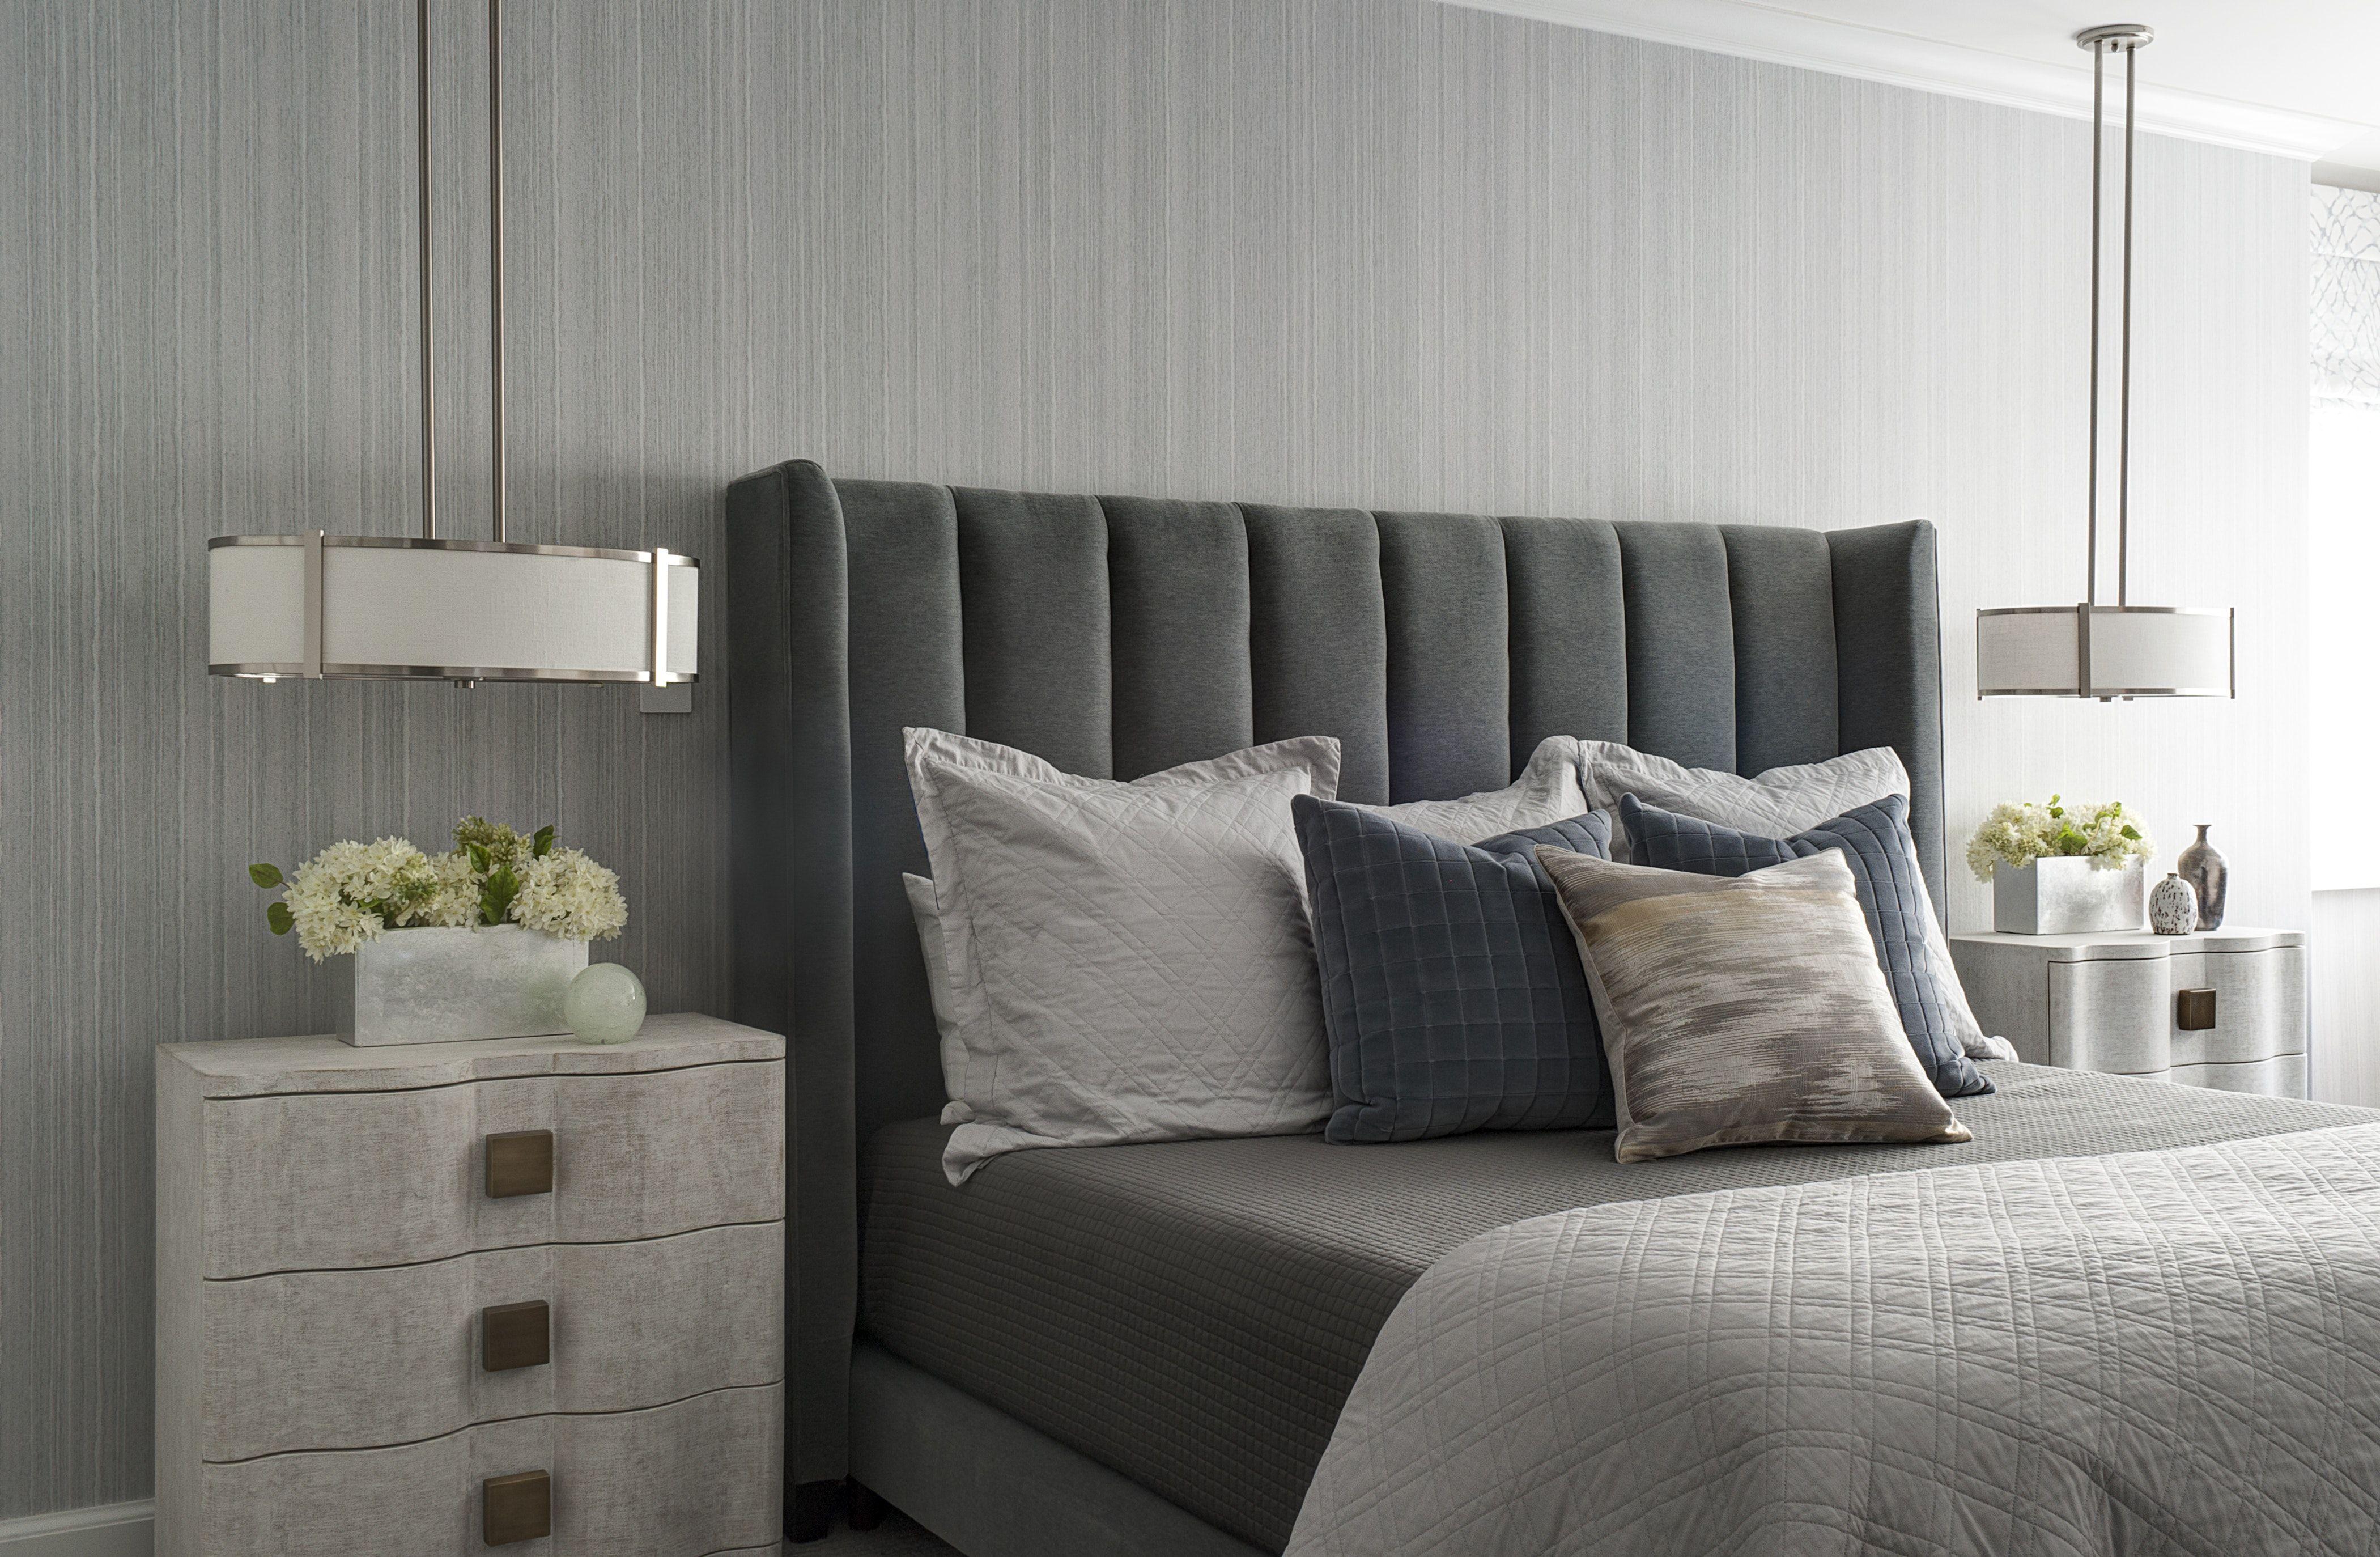 Soothing bedtime Velvet, Belgian linen, and handpainted